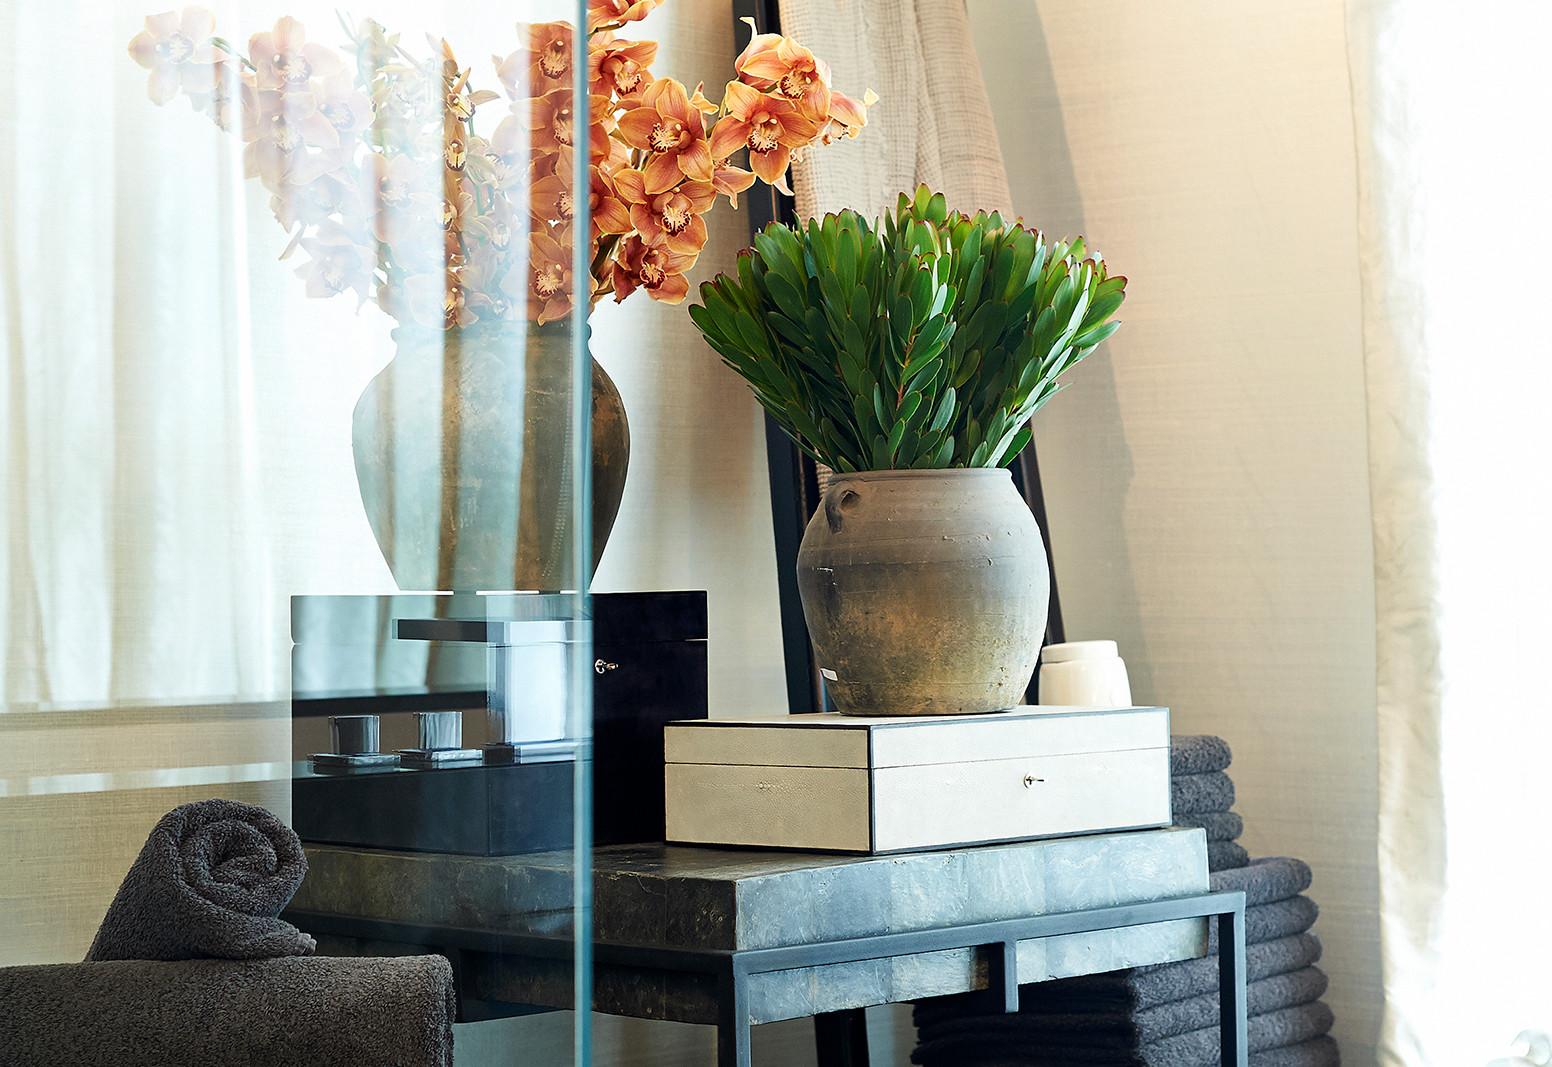 Stefanie Raum Dekoration Badezimmer Raum Contemporary Interior